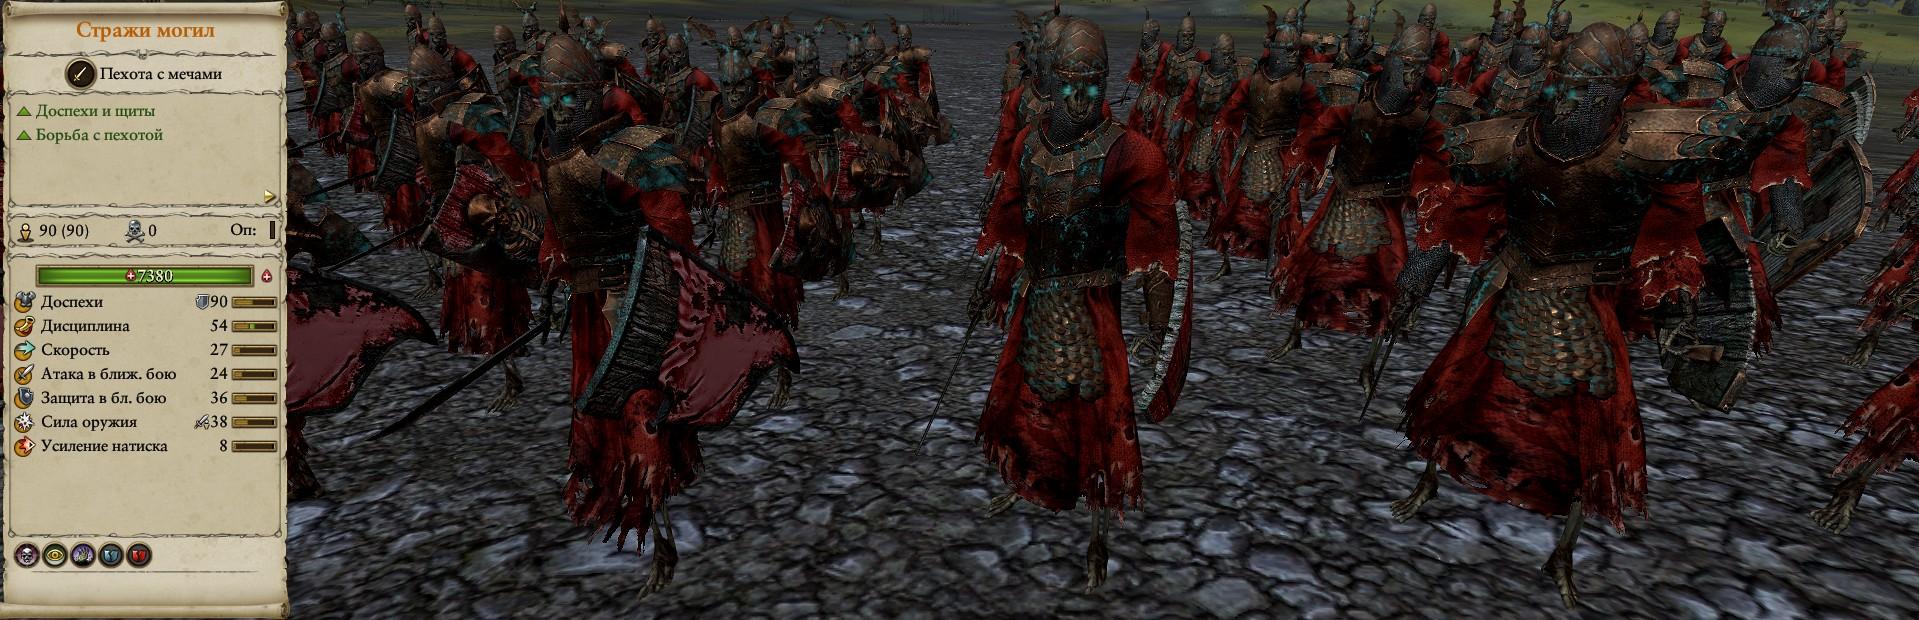 Стражи могил войска warhammer